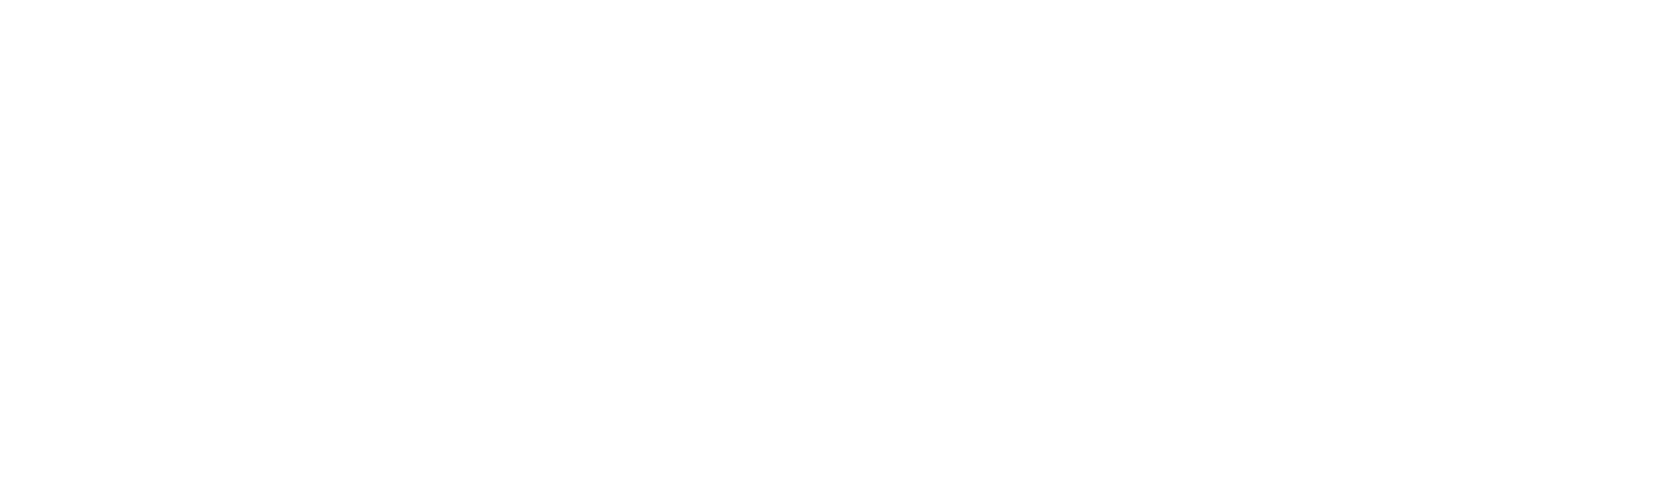 Pro Photo Services in Viet Nam